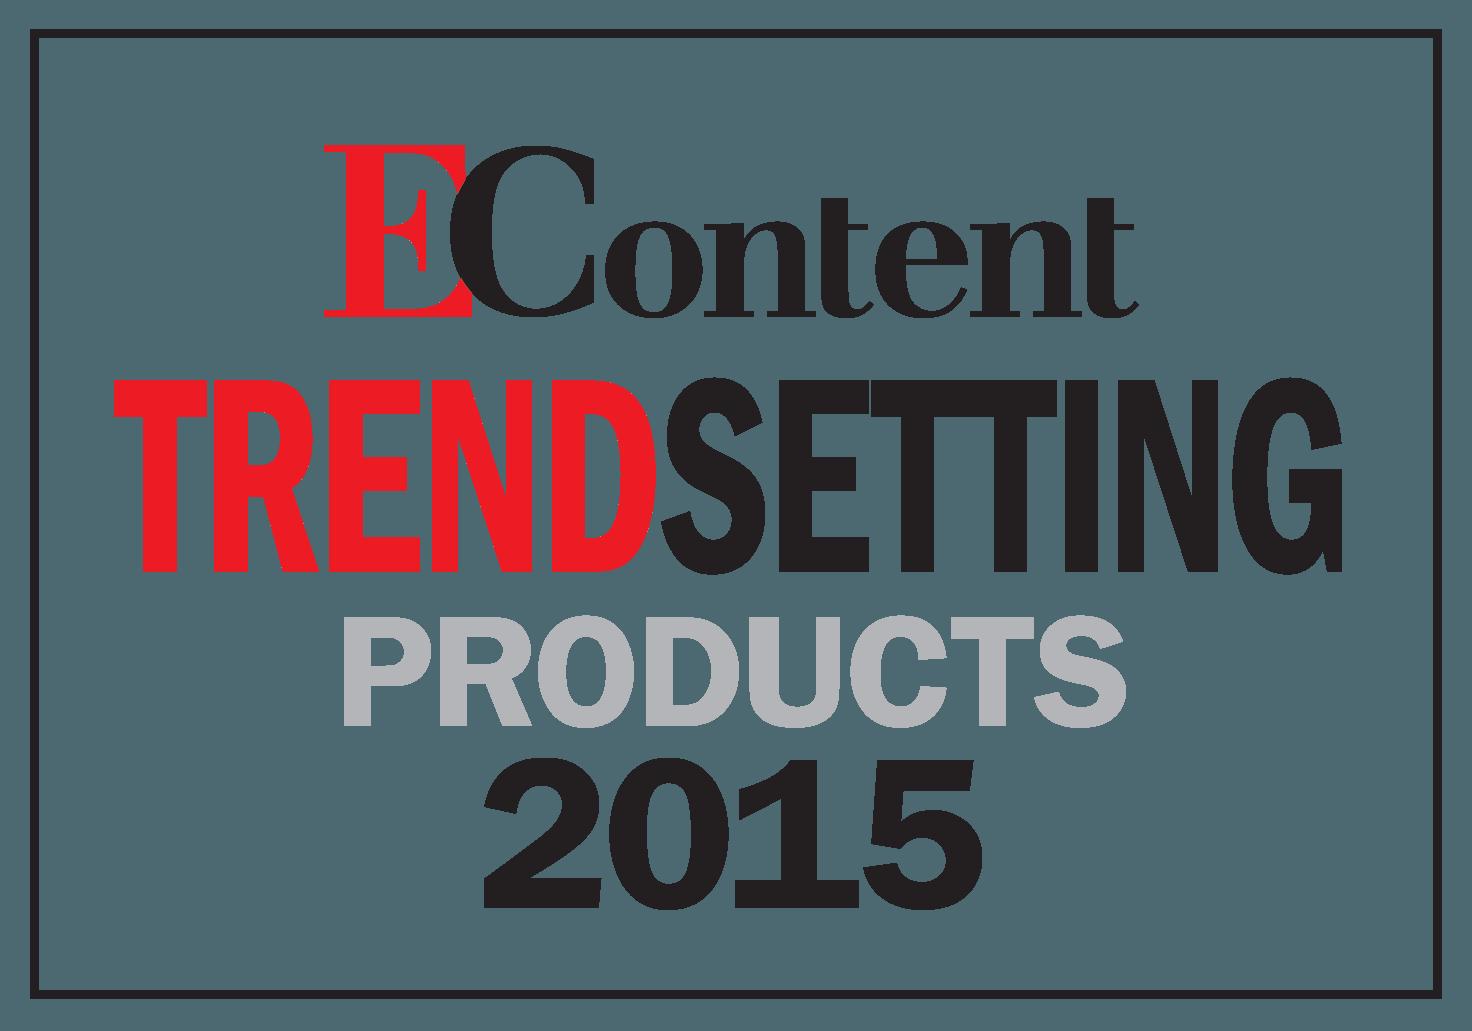 EC_TSP_2015_logo1